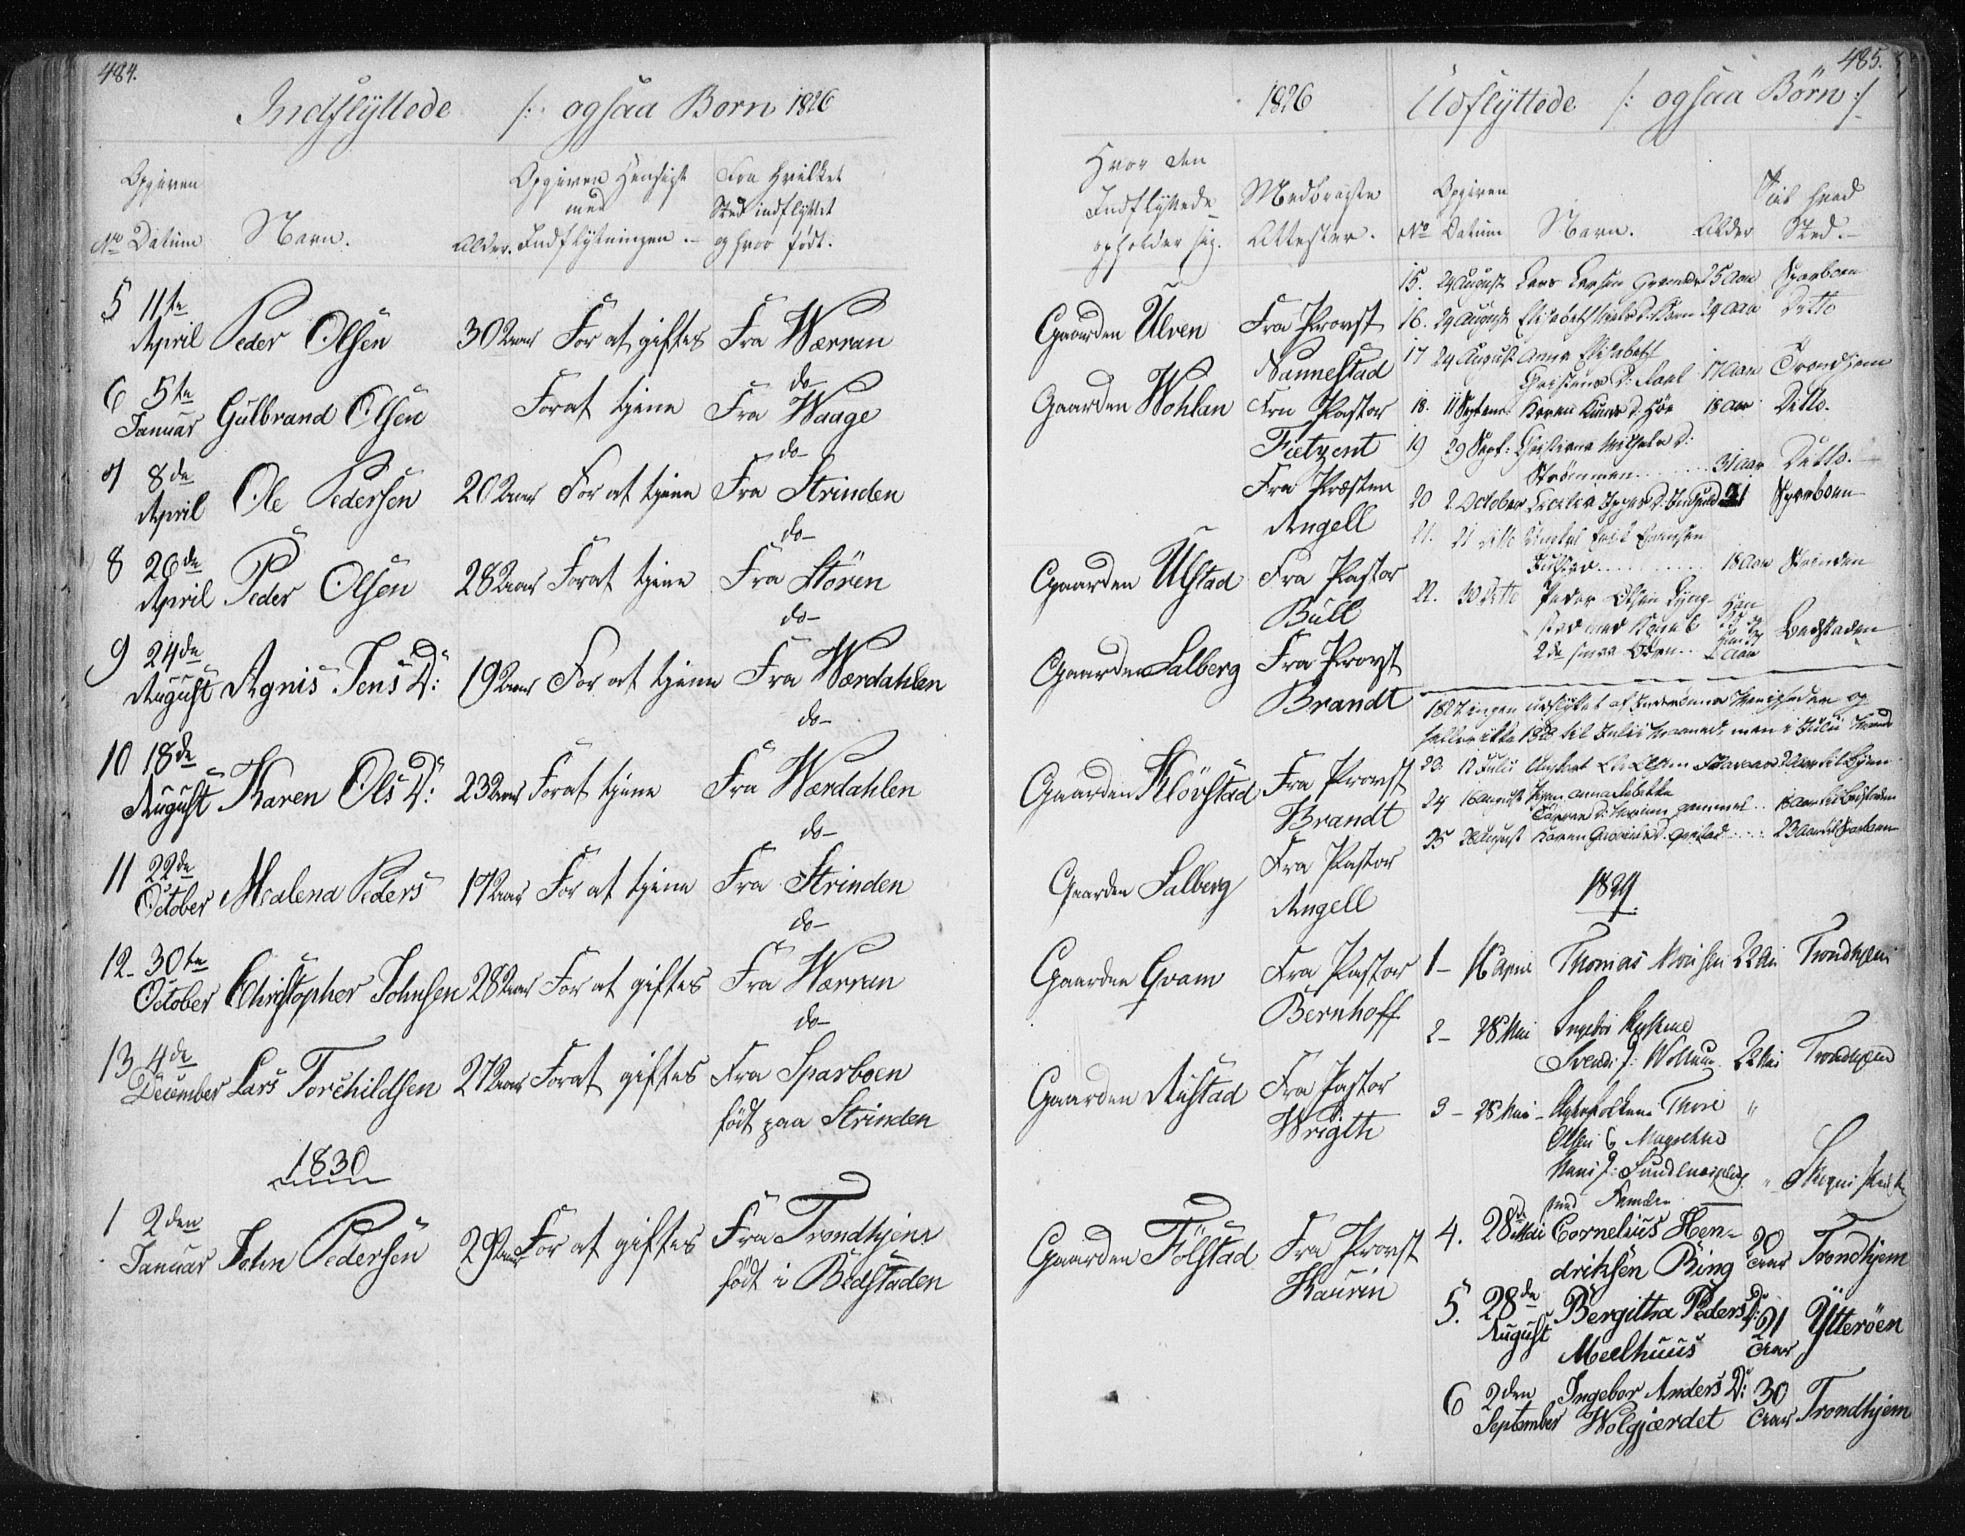 SAT, Ministerialprotokoller, klokkerbøker og fødselsregistre - Nord-Trøndelag, 730/L0276: Ministerialbok nr. 730A05, 1822-1830, s. 484-485